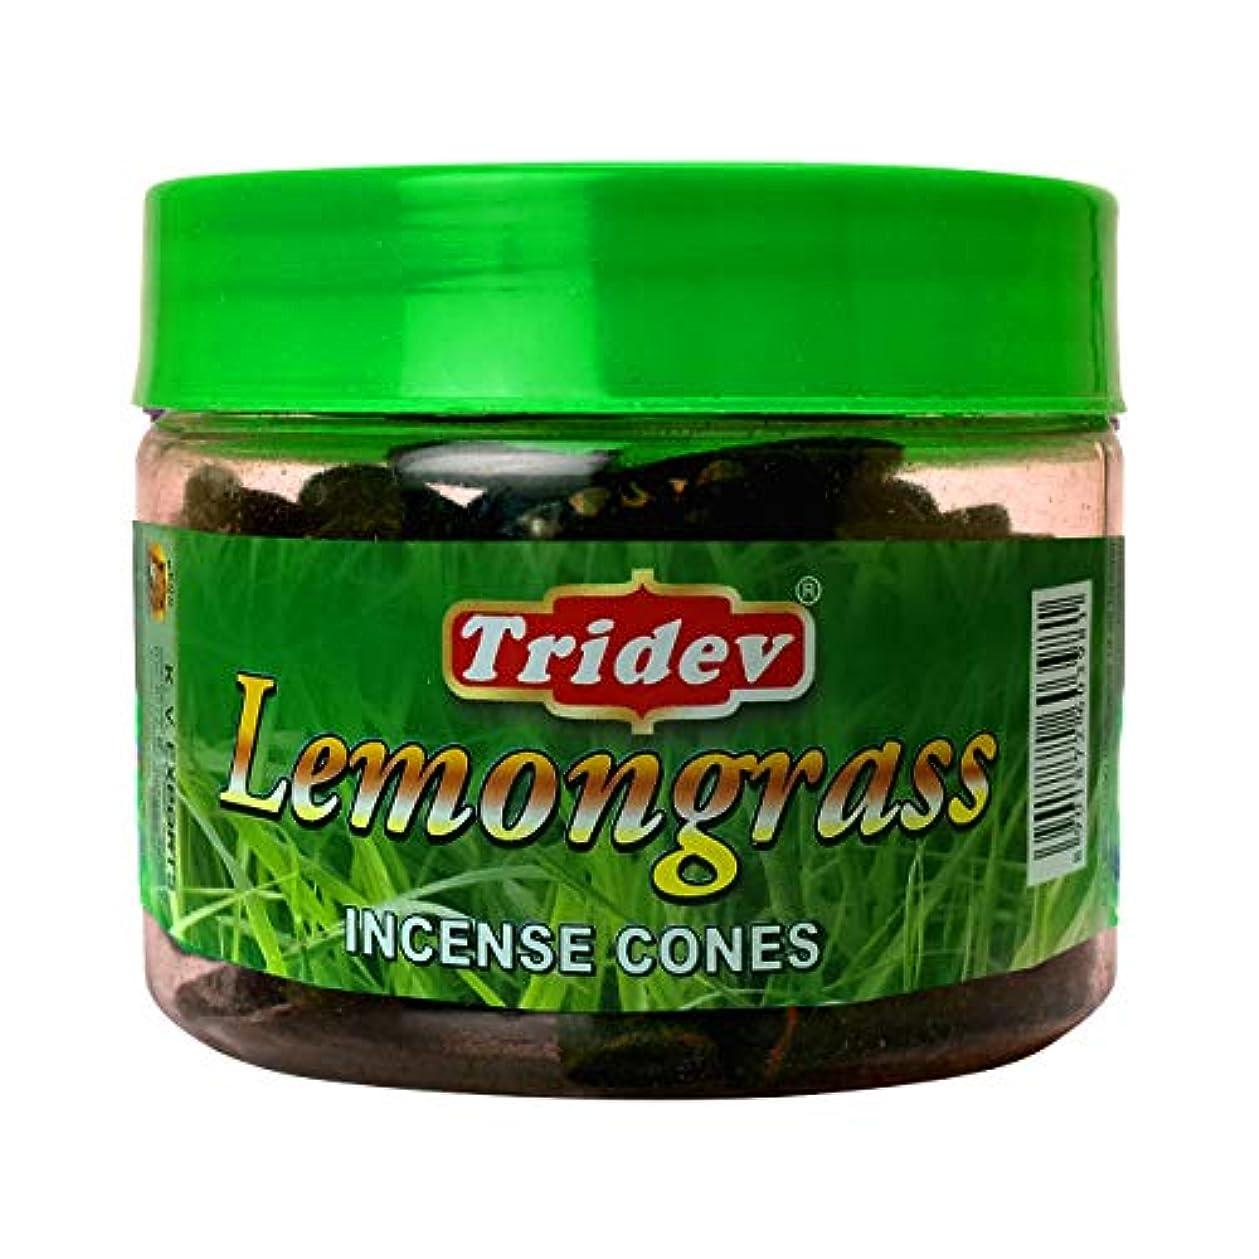 フレキシブル技術的な塩辛いTridev レモングラスフレグランス コーン型お香瓶 1080グラム ボックス入り 12個入り 輸出品質